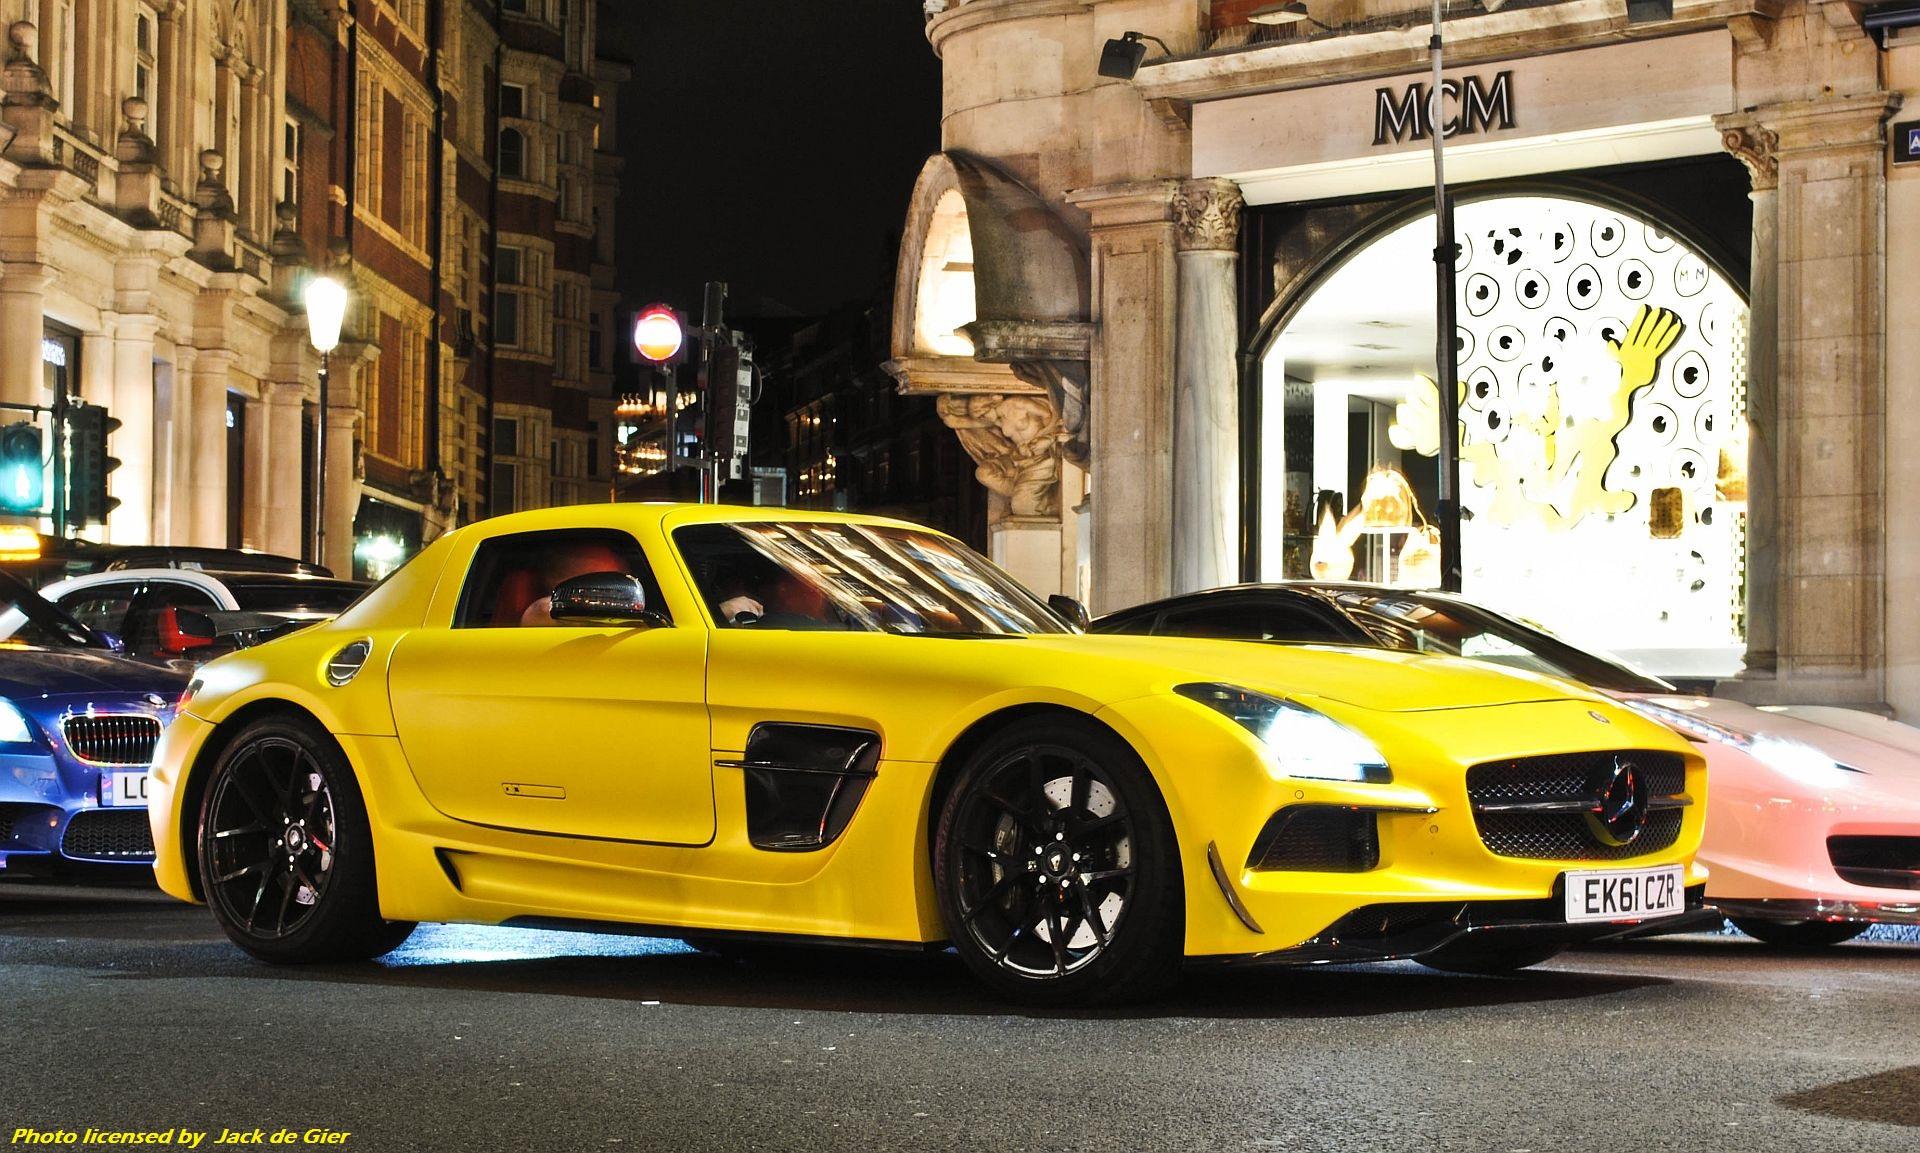 デスクトップ壁紙 ロンドン 通り 黄 贅沢 ニコン スポーツカー